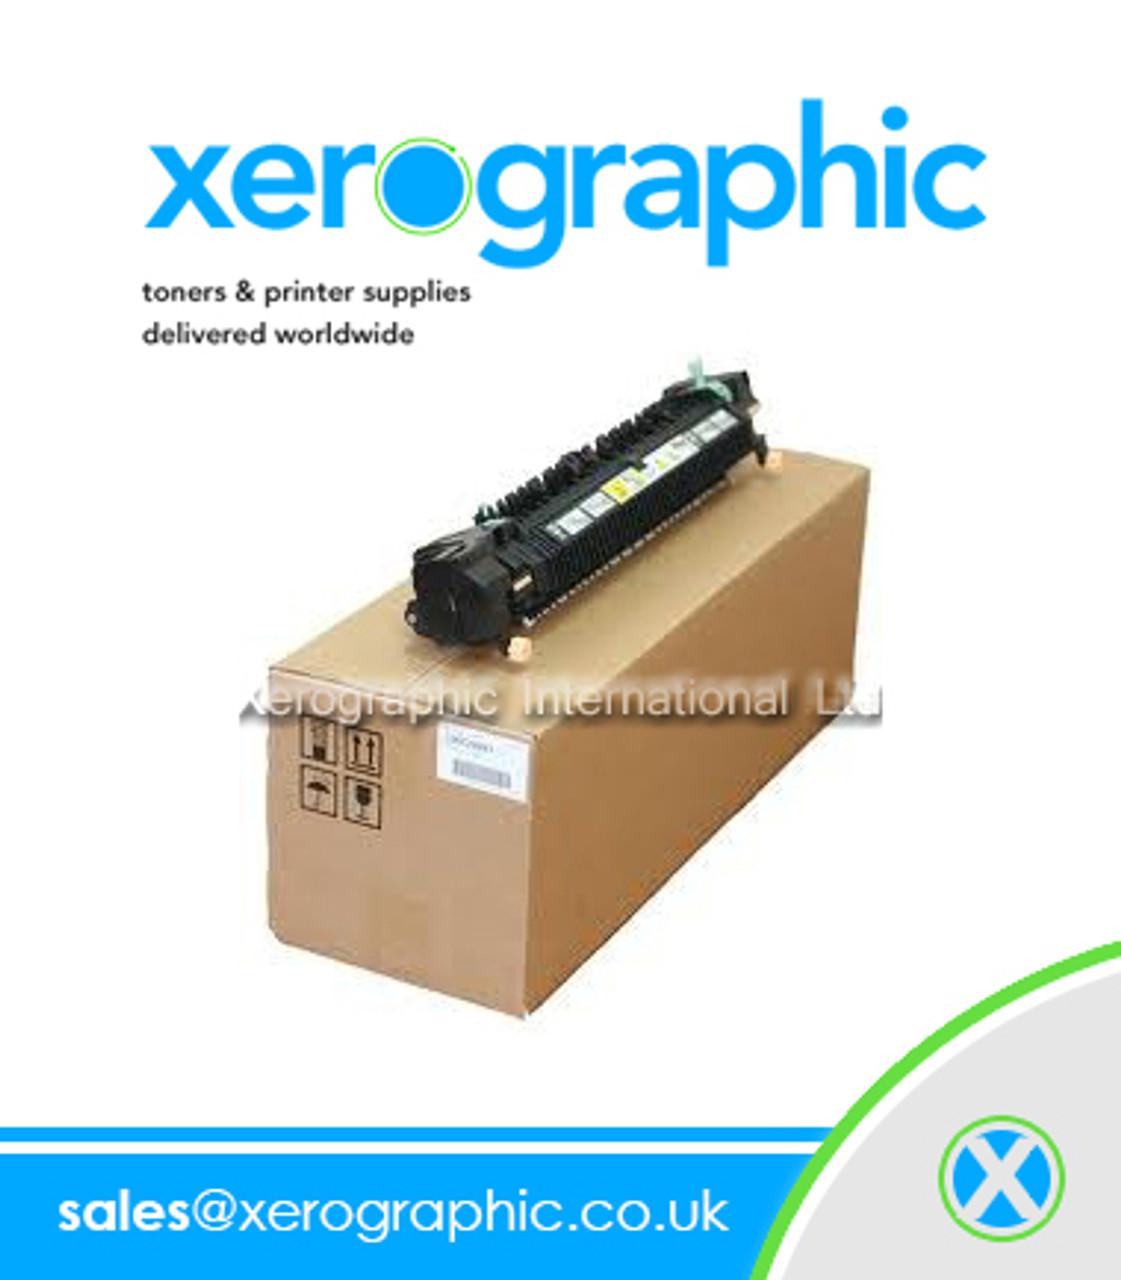 Xerox WorkCentre 7970 AltaLink C8070 Genuine Fuser kit (220V) 604K9124,  604K9123, 604K91252, 604K91251, 604K91250, 604K91254, 604K91255, 604K91256,